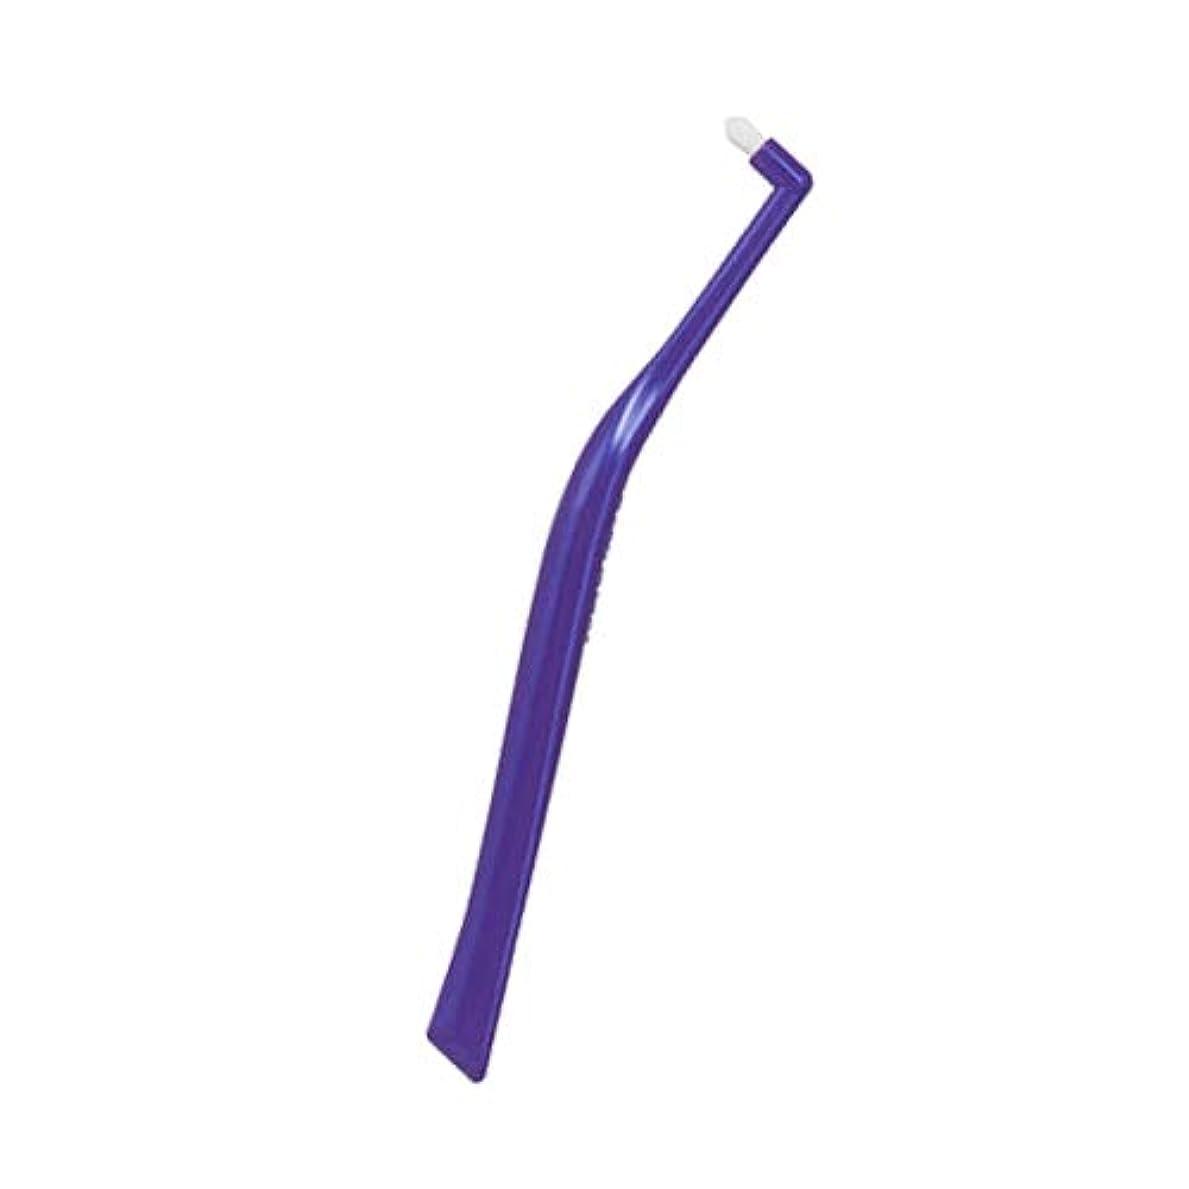 積分自分自身猛烈なオーラルケア ジャスライ (Just Right) 歯ブラシ × 1本(パープル)ワンタフトブラシ ワンタフト 歯科専用